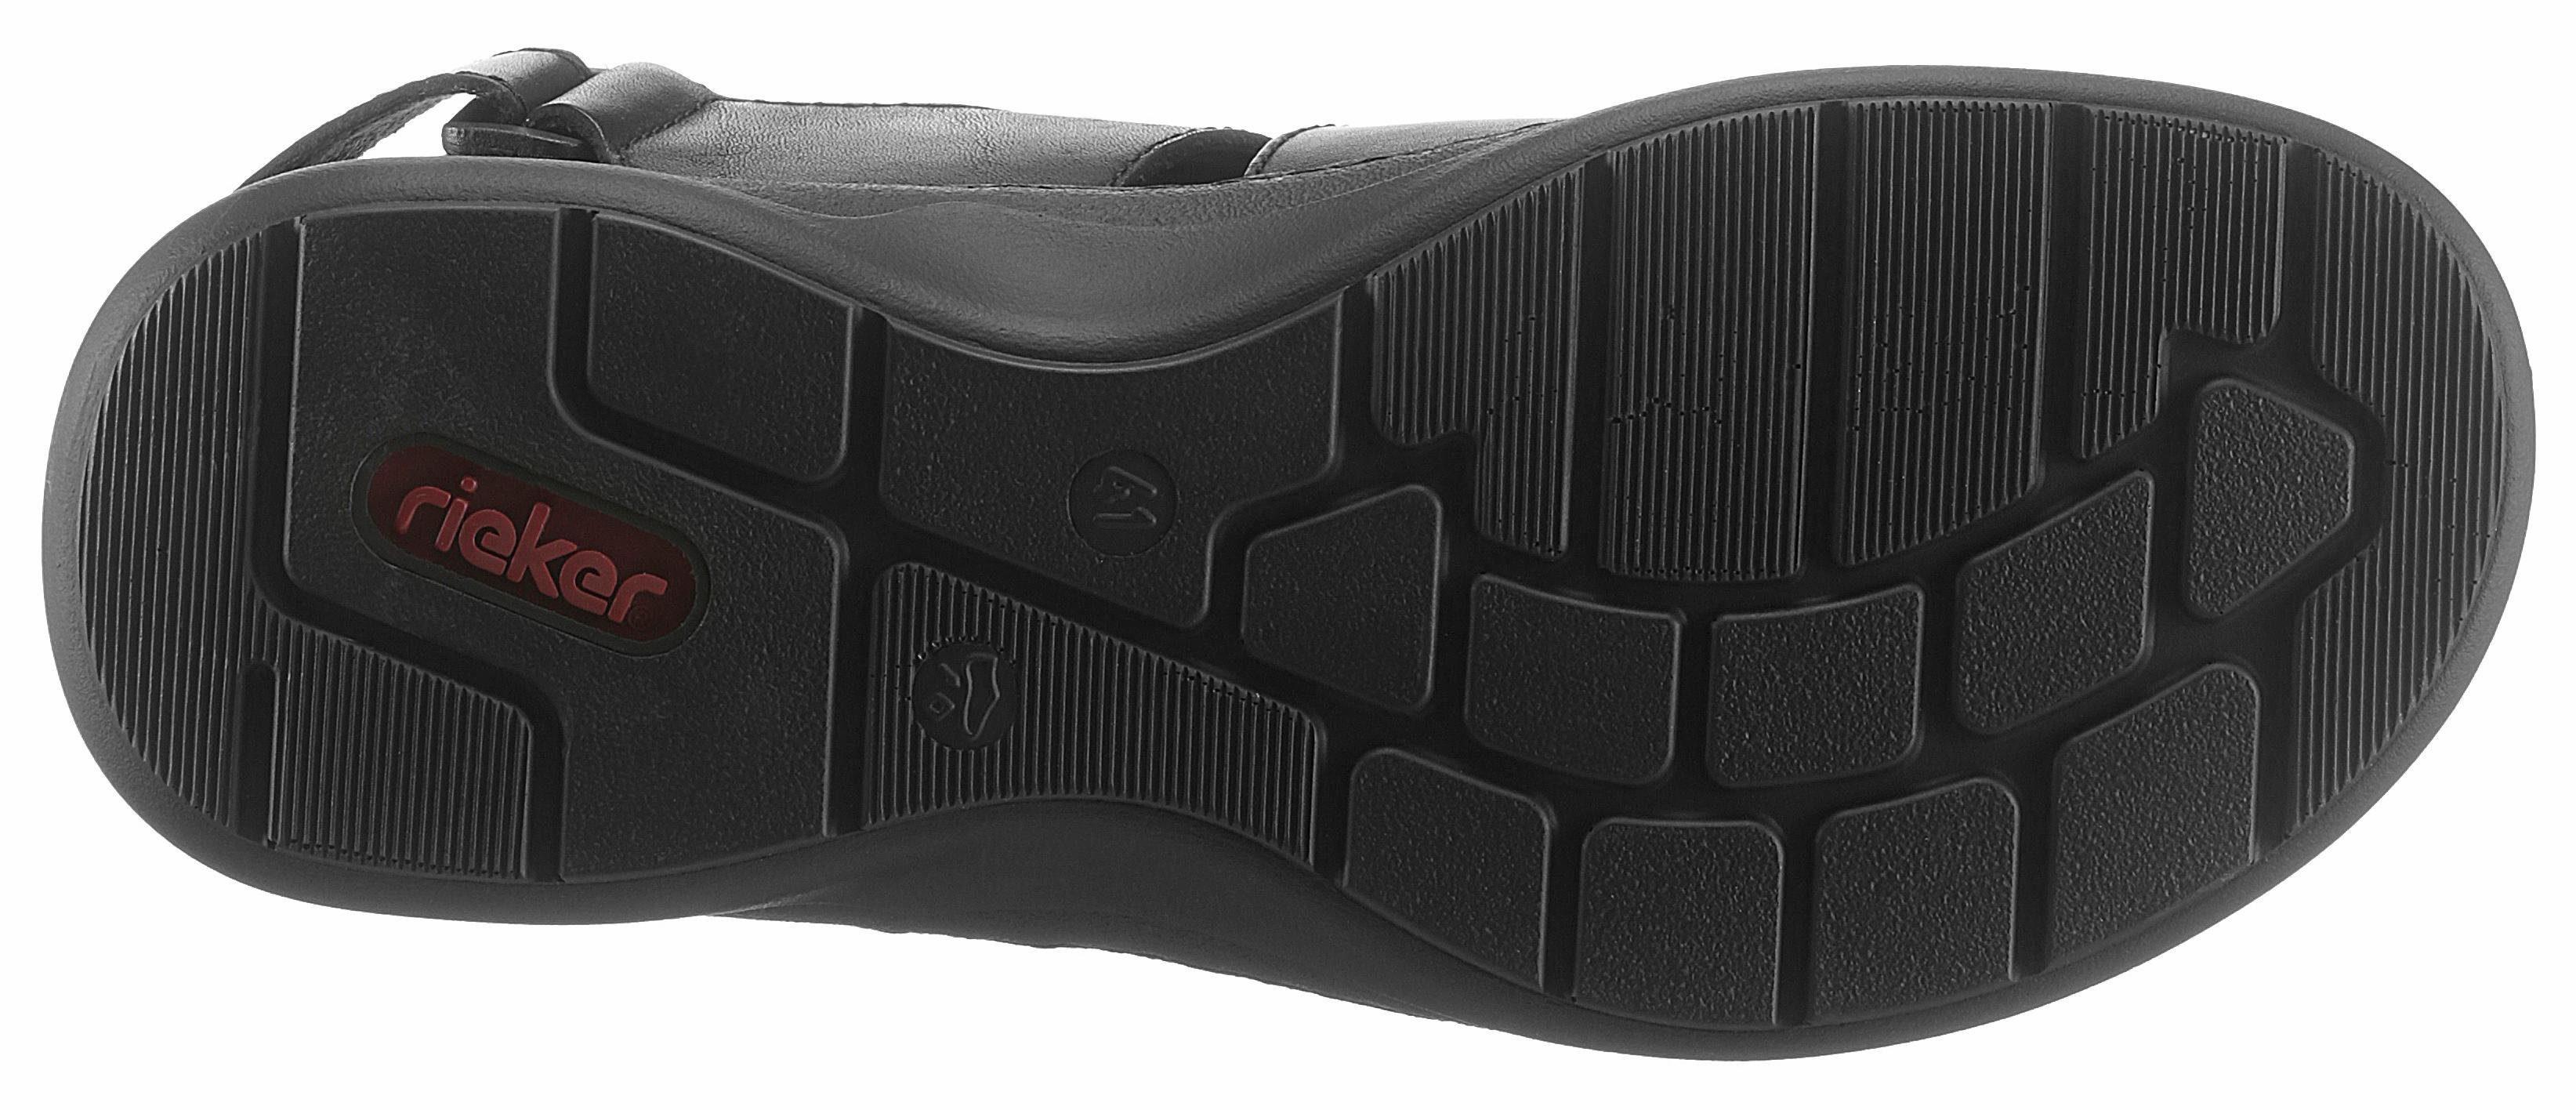 Schwarz Sandale Rieker Komfortablen Mit Artikel nr Kaufen 7027646041 3 Riemchen zqd6xwqr